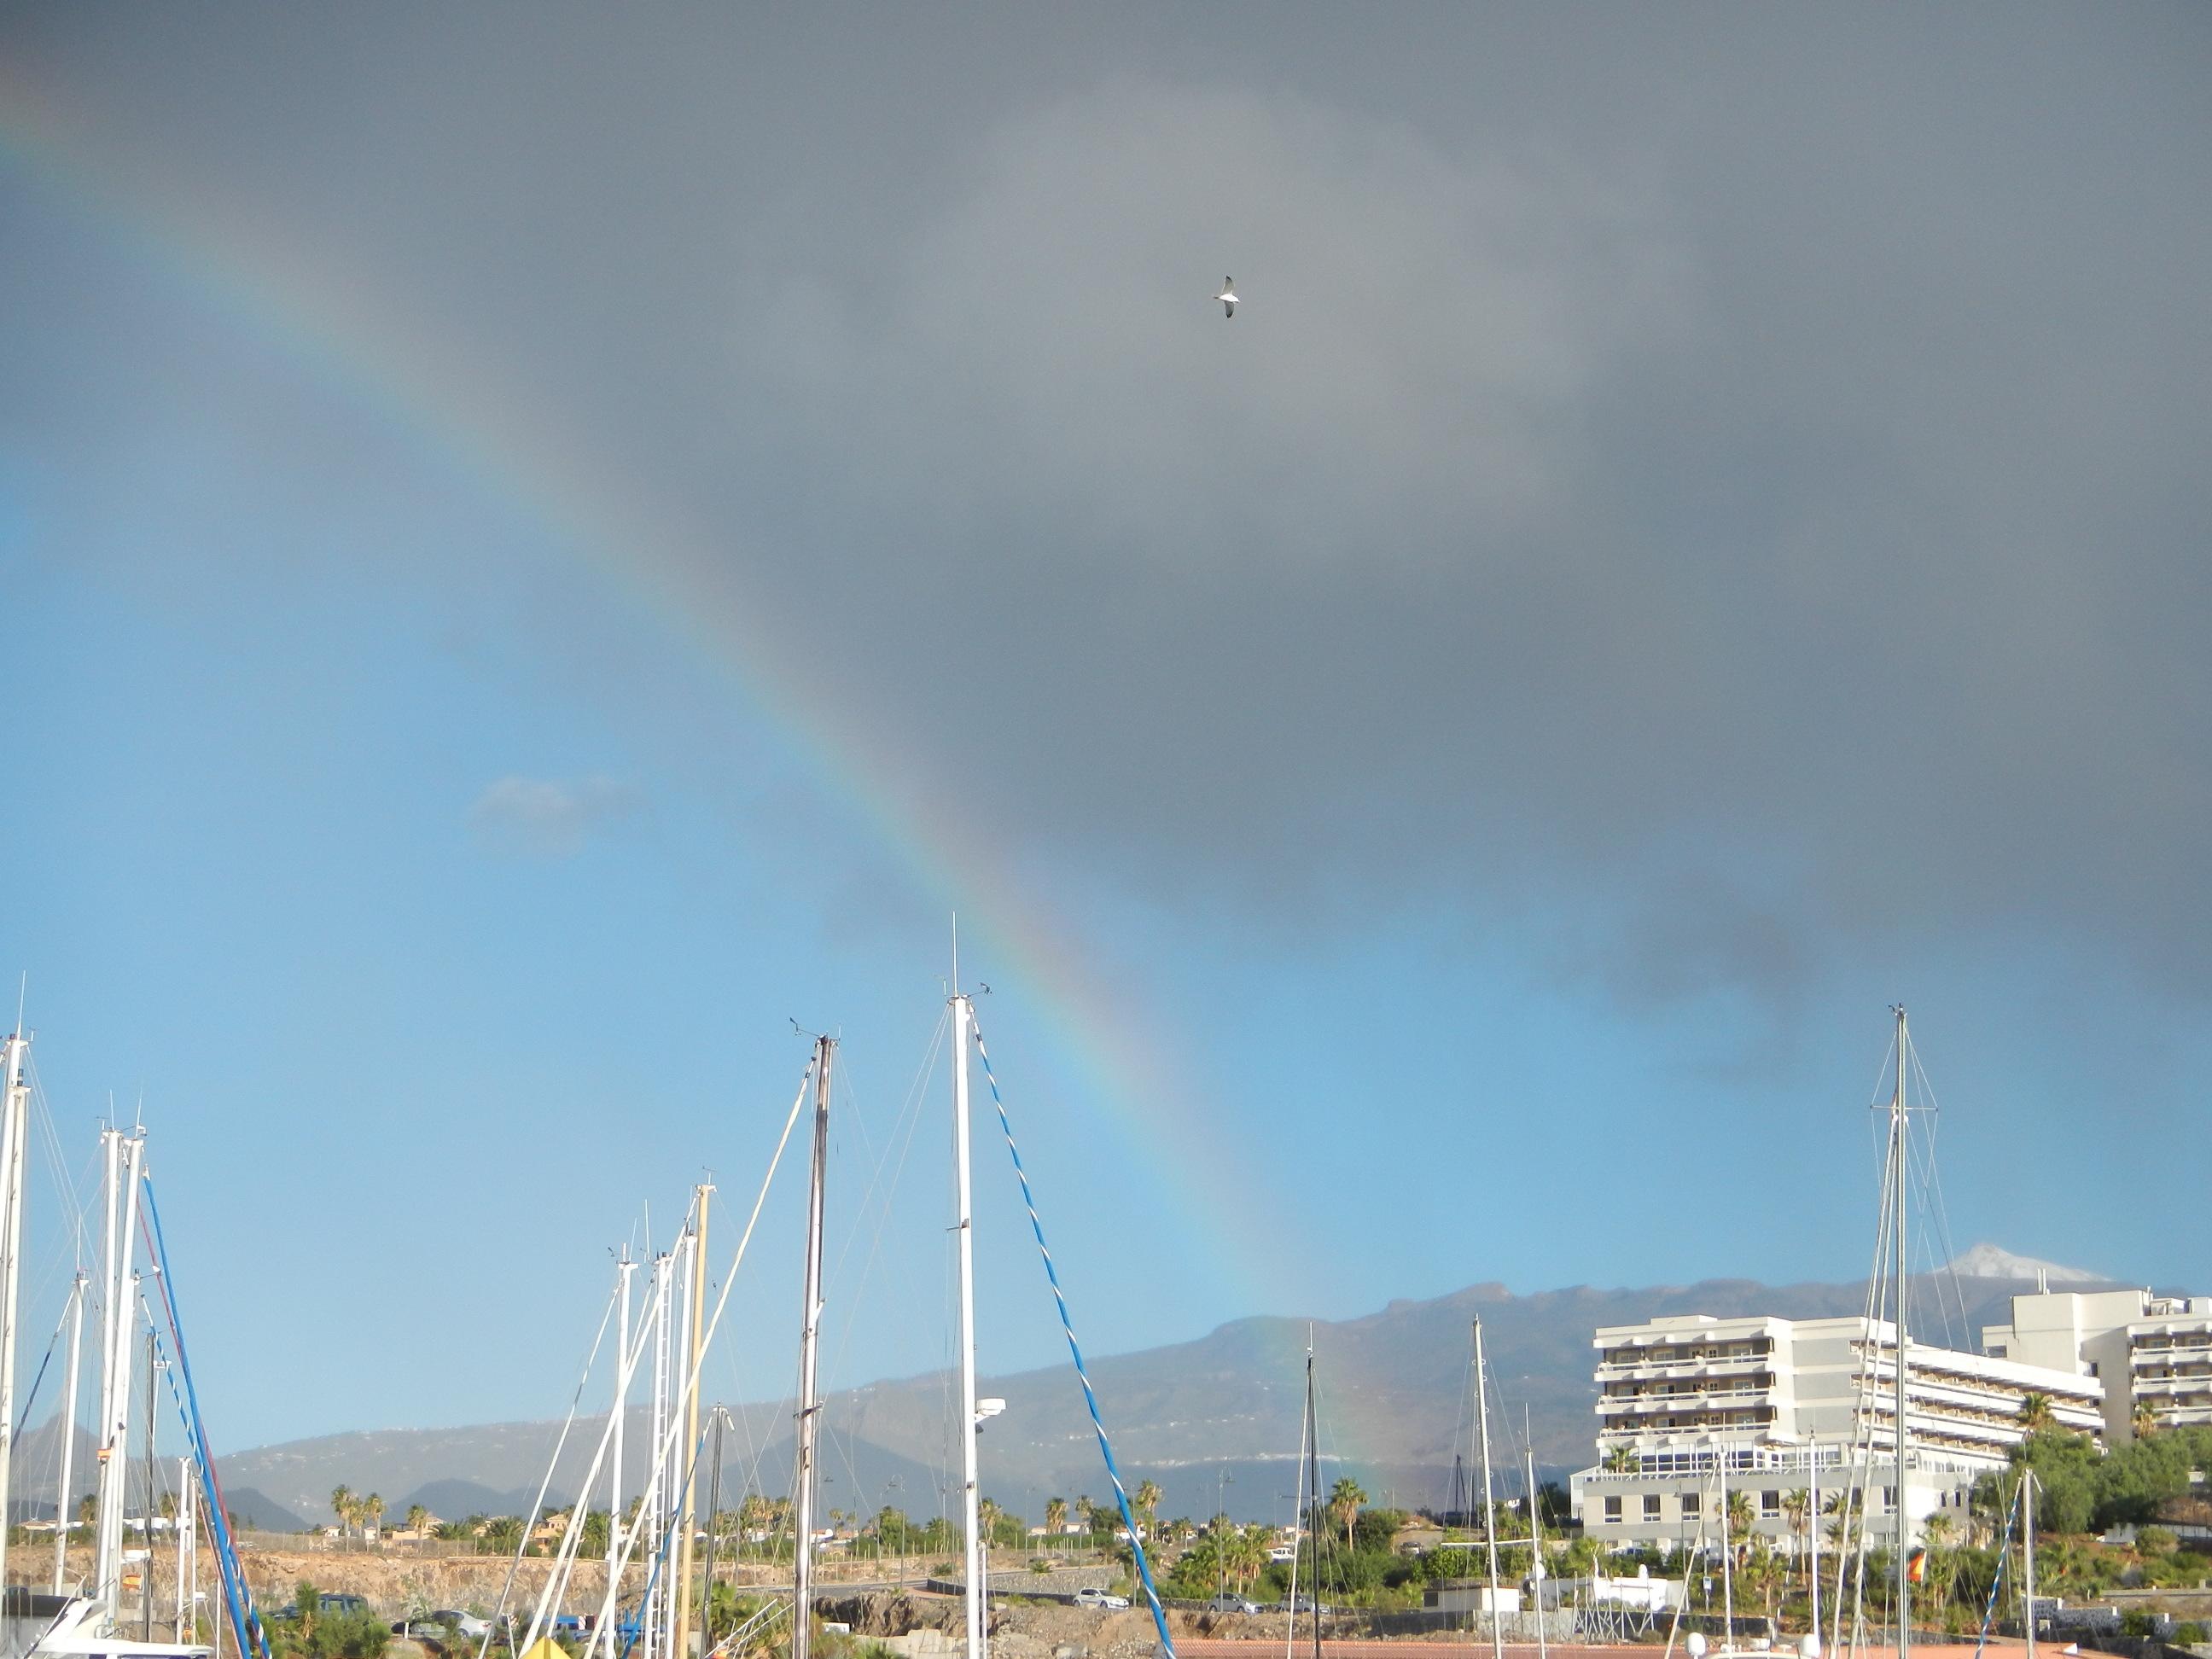 Regenbogen im Hafen von San Miguel, rechts im Bild kann man den schneebedeckten Teide sehen.